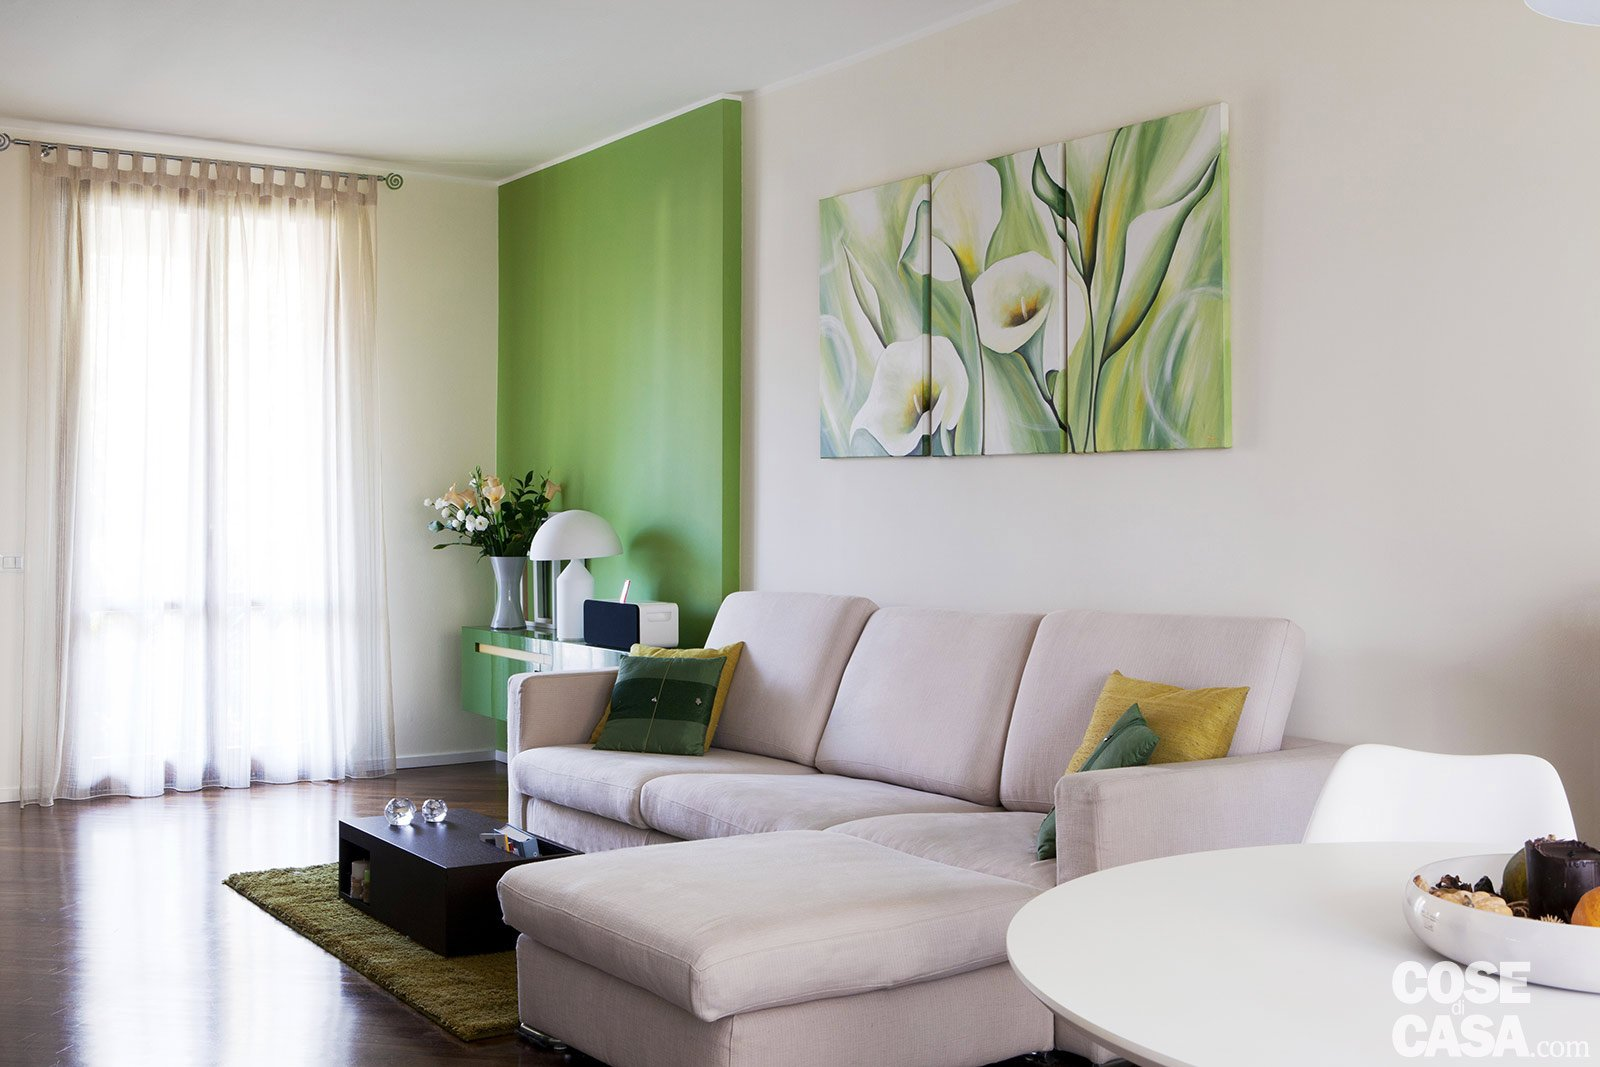 Casa pi vivibile dopo la ristrutturazione cose di casa for Disegni di piano casa di due camere da letto